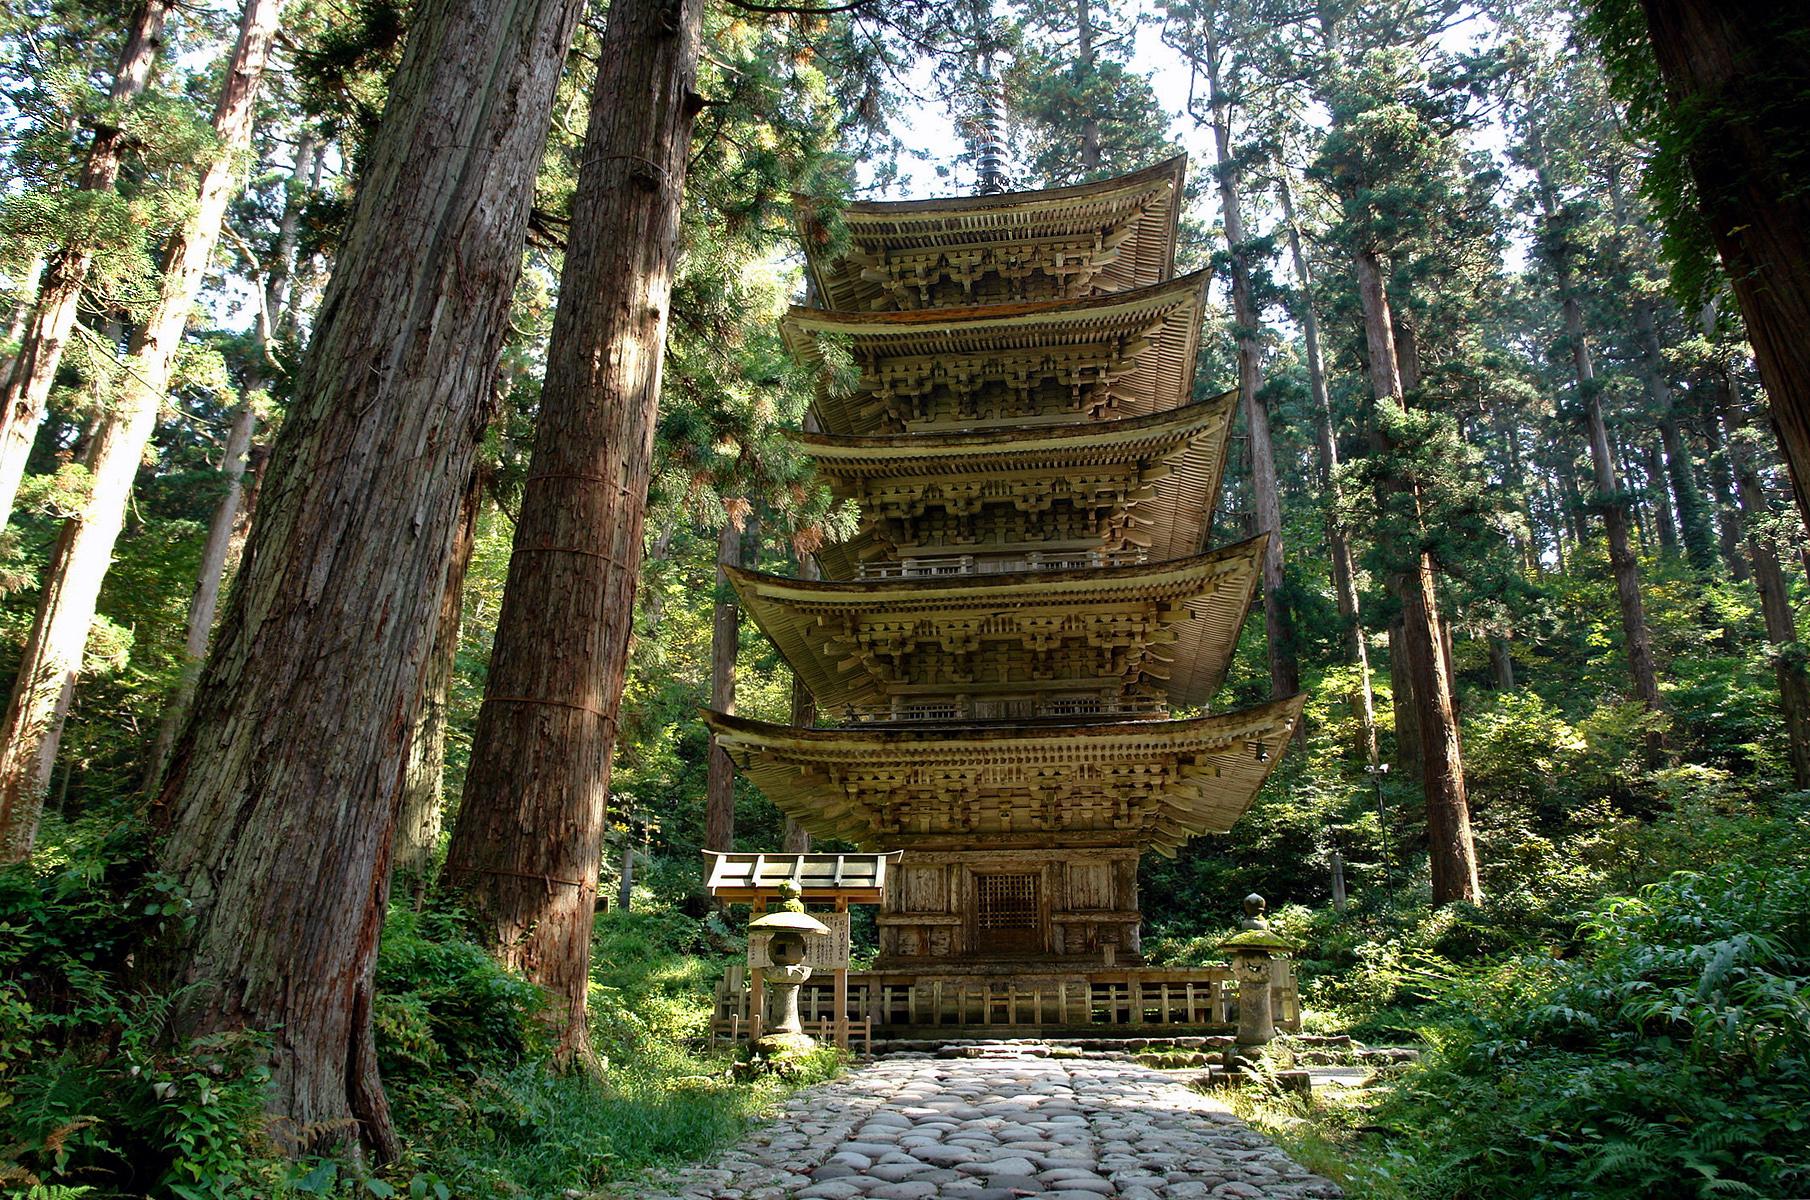 鶴岡市の観光おすすめランキングTOP21!絶対外せないスポットは?